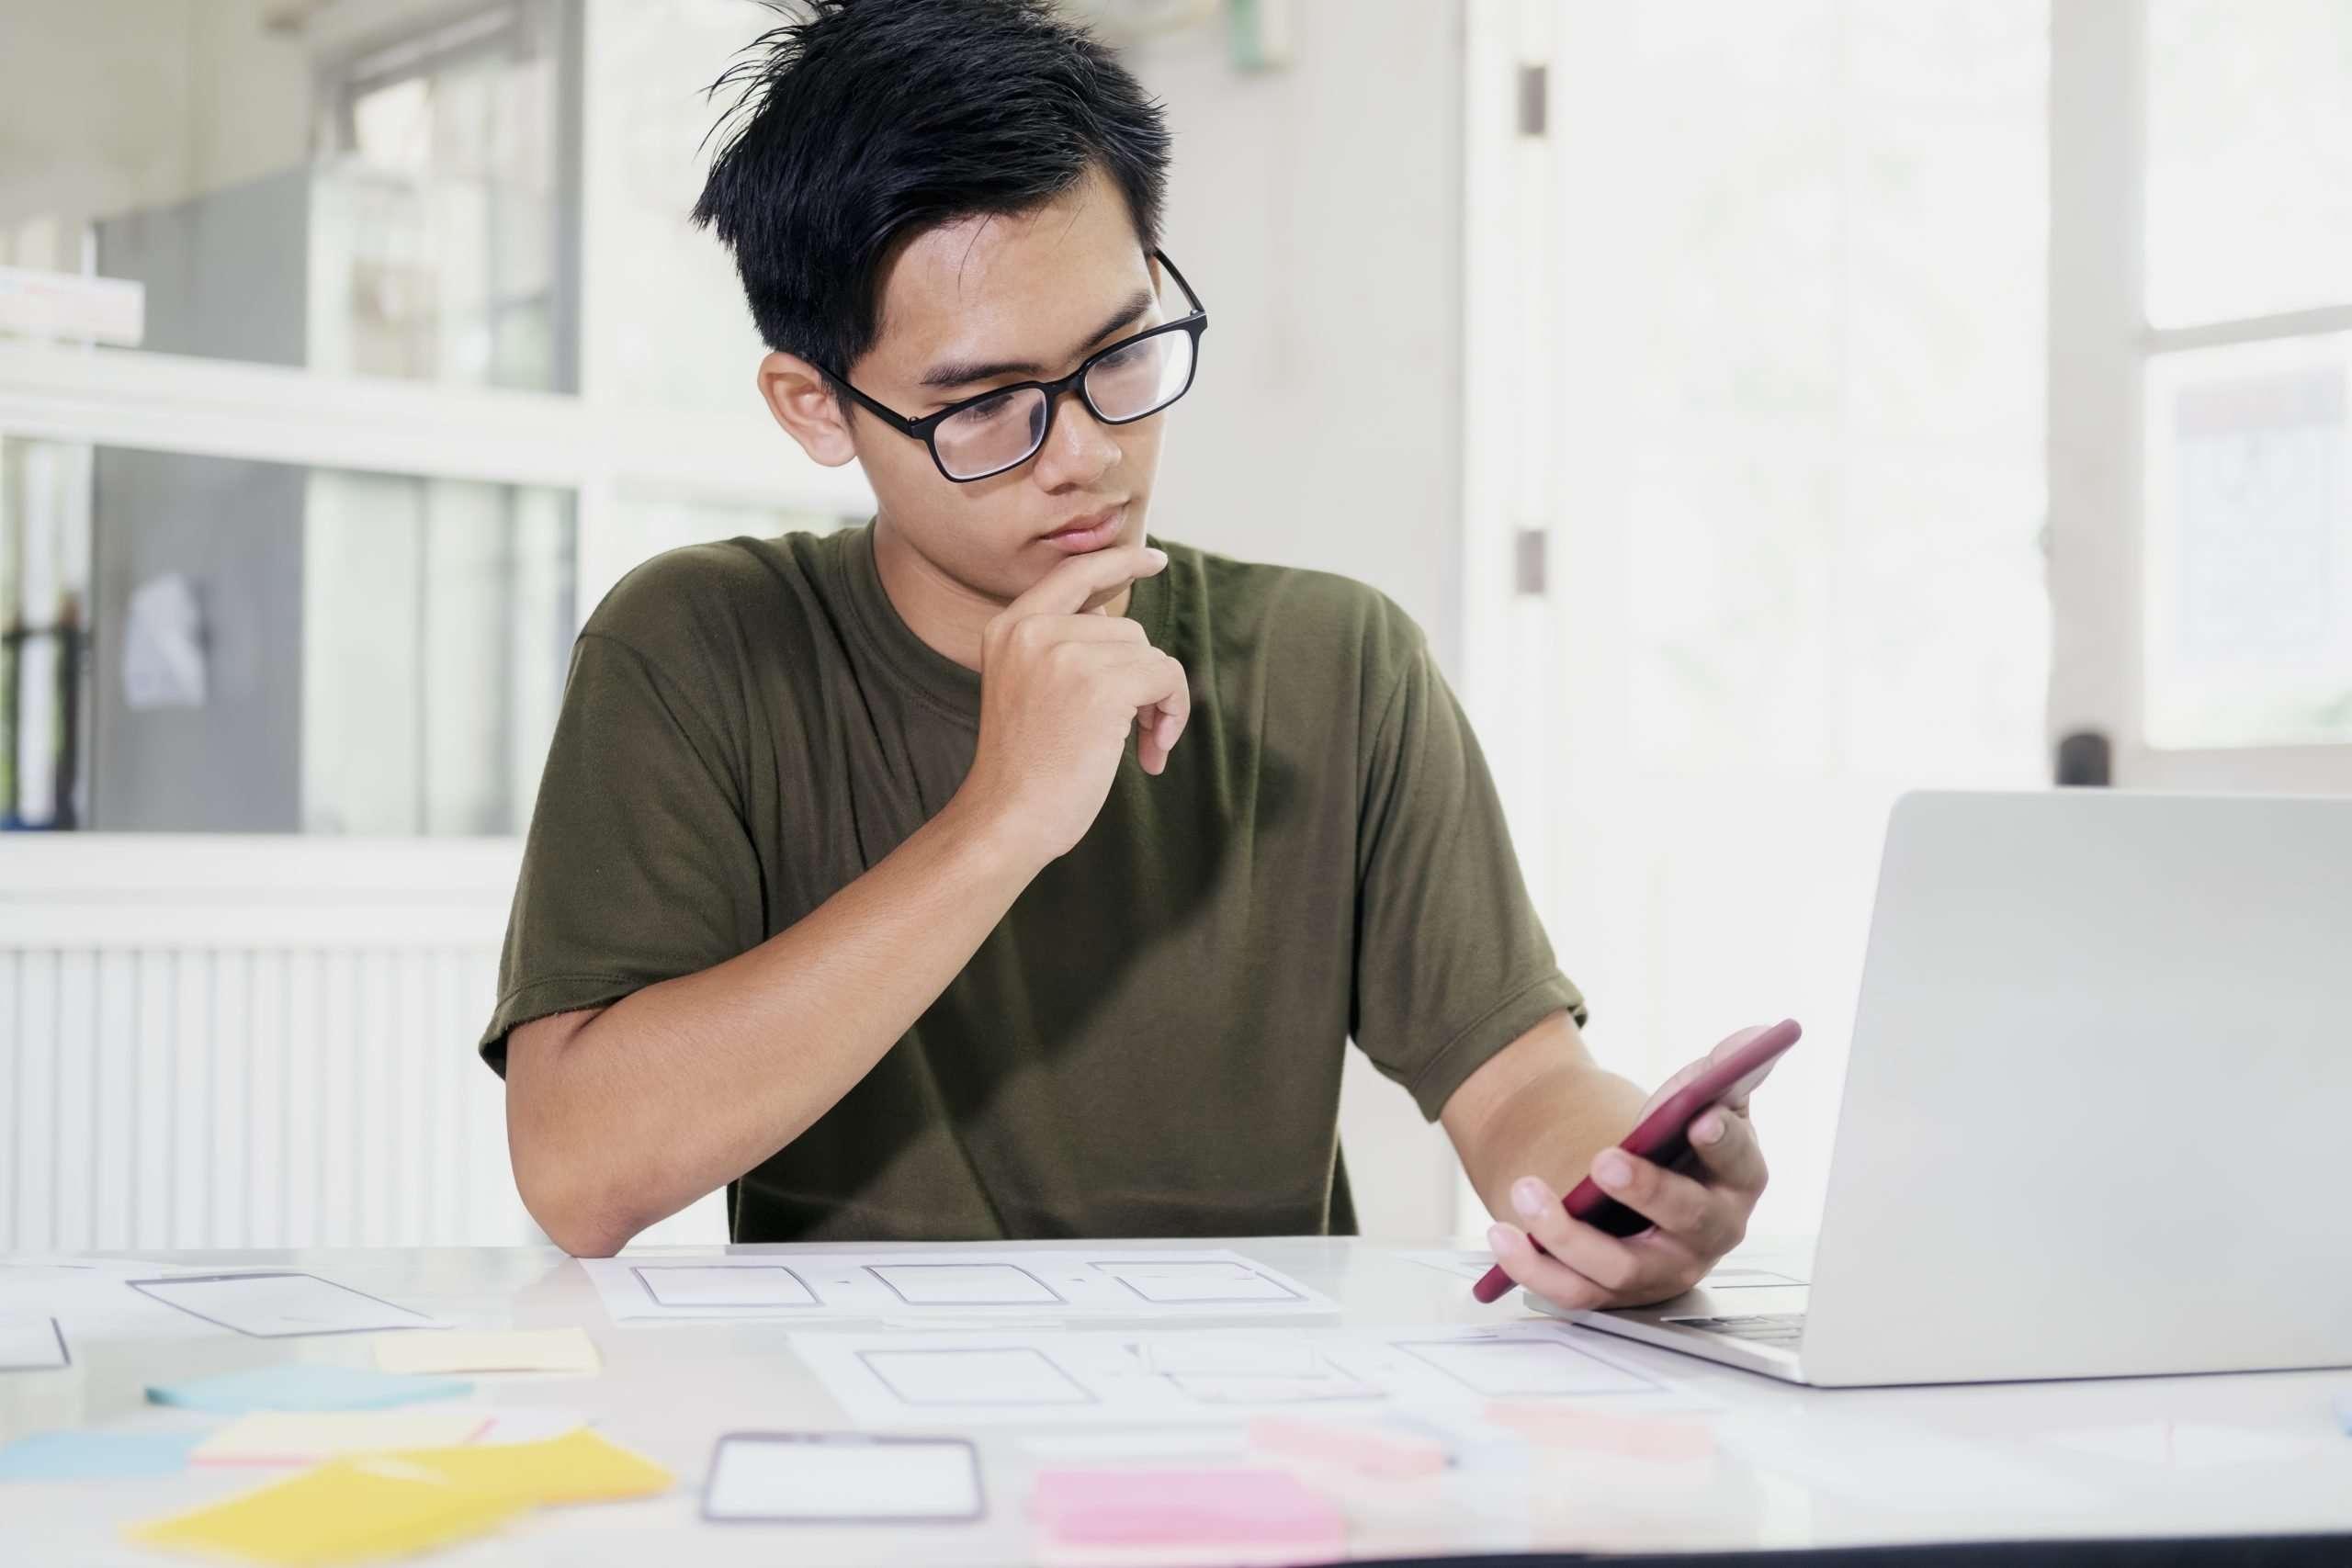 O UI Design e o UX Design se completam, apesar de trazerem resultados satisfatórios separadamente.